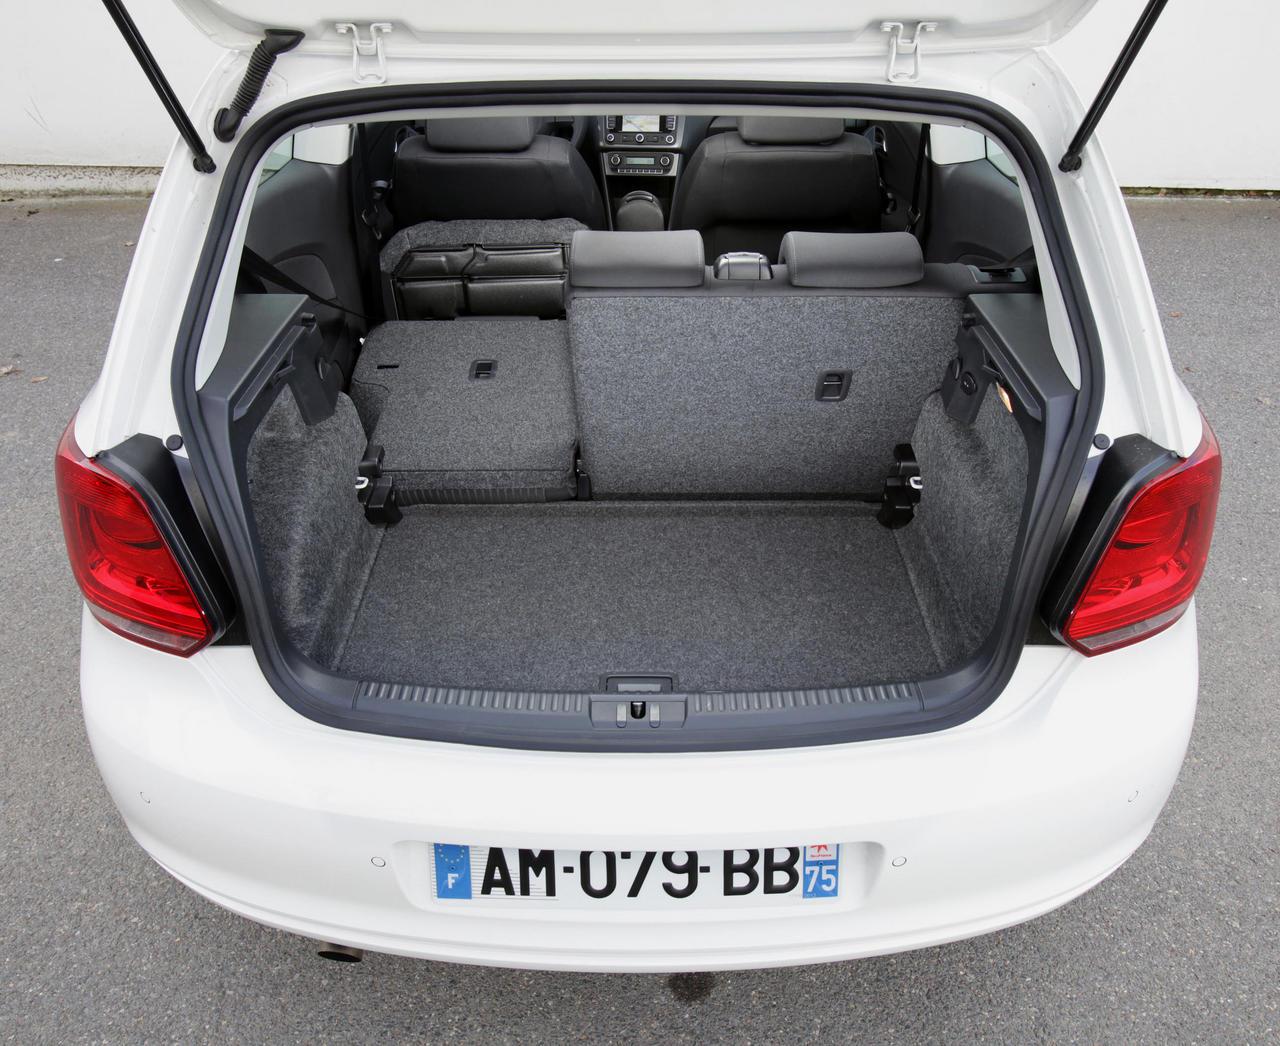 essai vw polo 1 2 tsi l 39 essence est de retour photo 7 l 39 argus. Black Bedroom Furniture Sets. Home Design Ideas